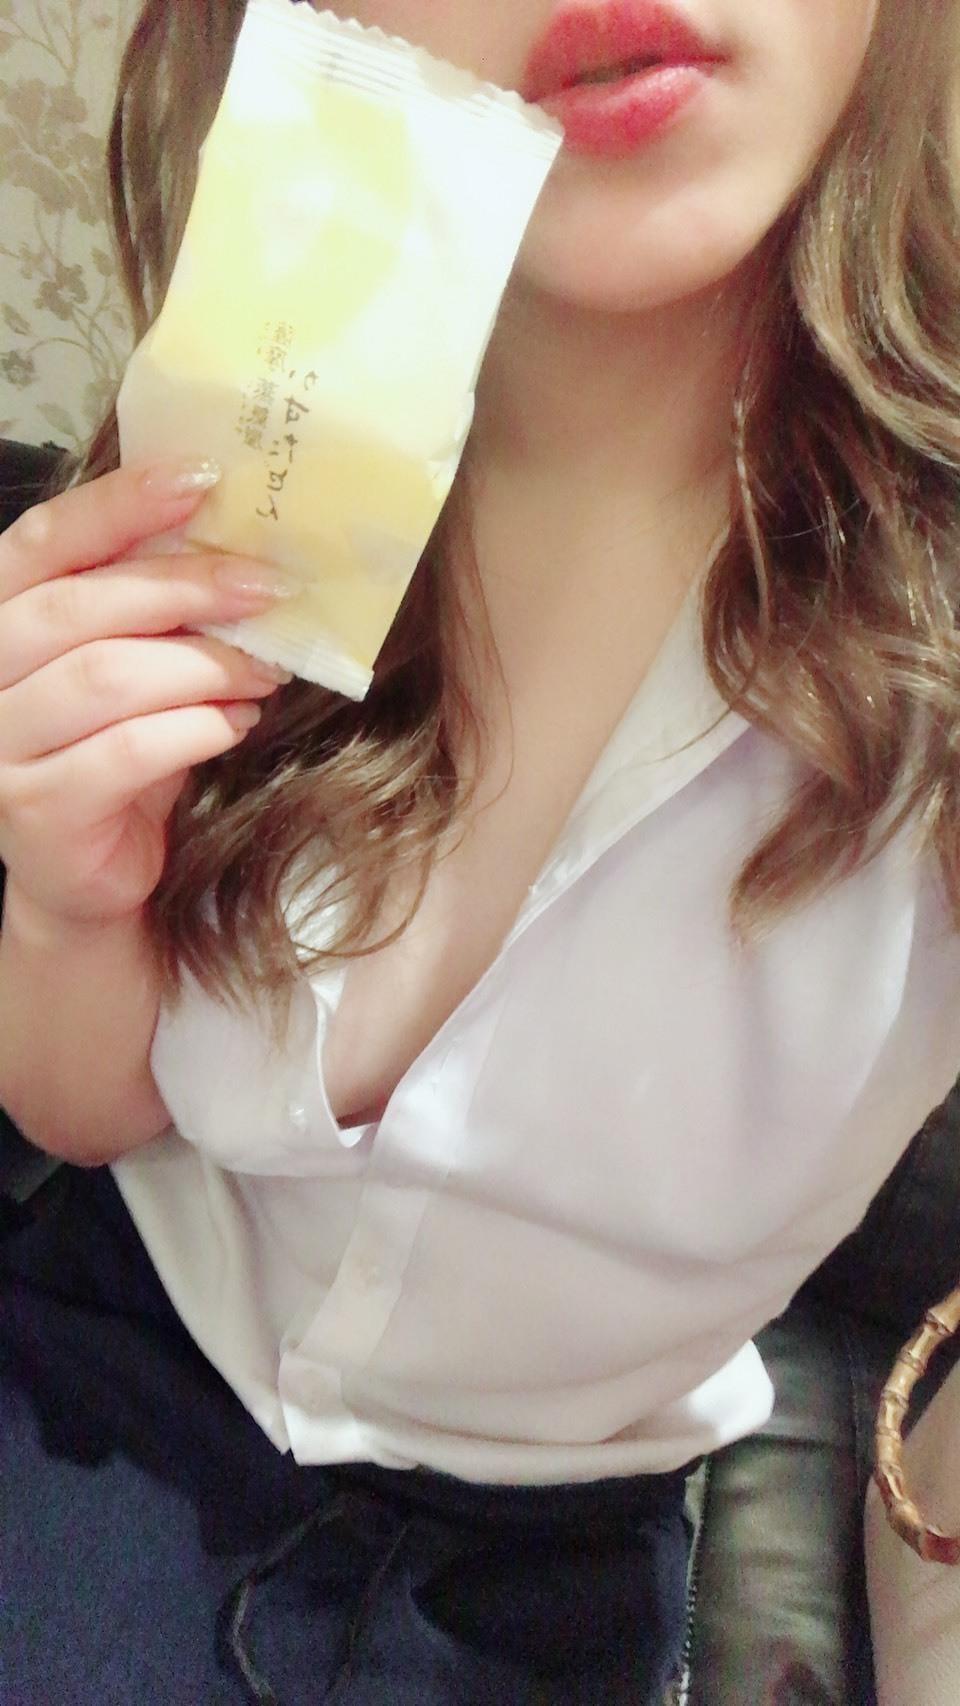 「ありがとう♪」06/25(06/25) 13:34   えみこの写メ・風俗動画